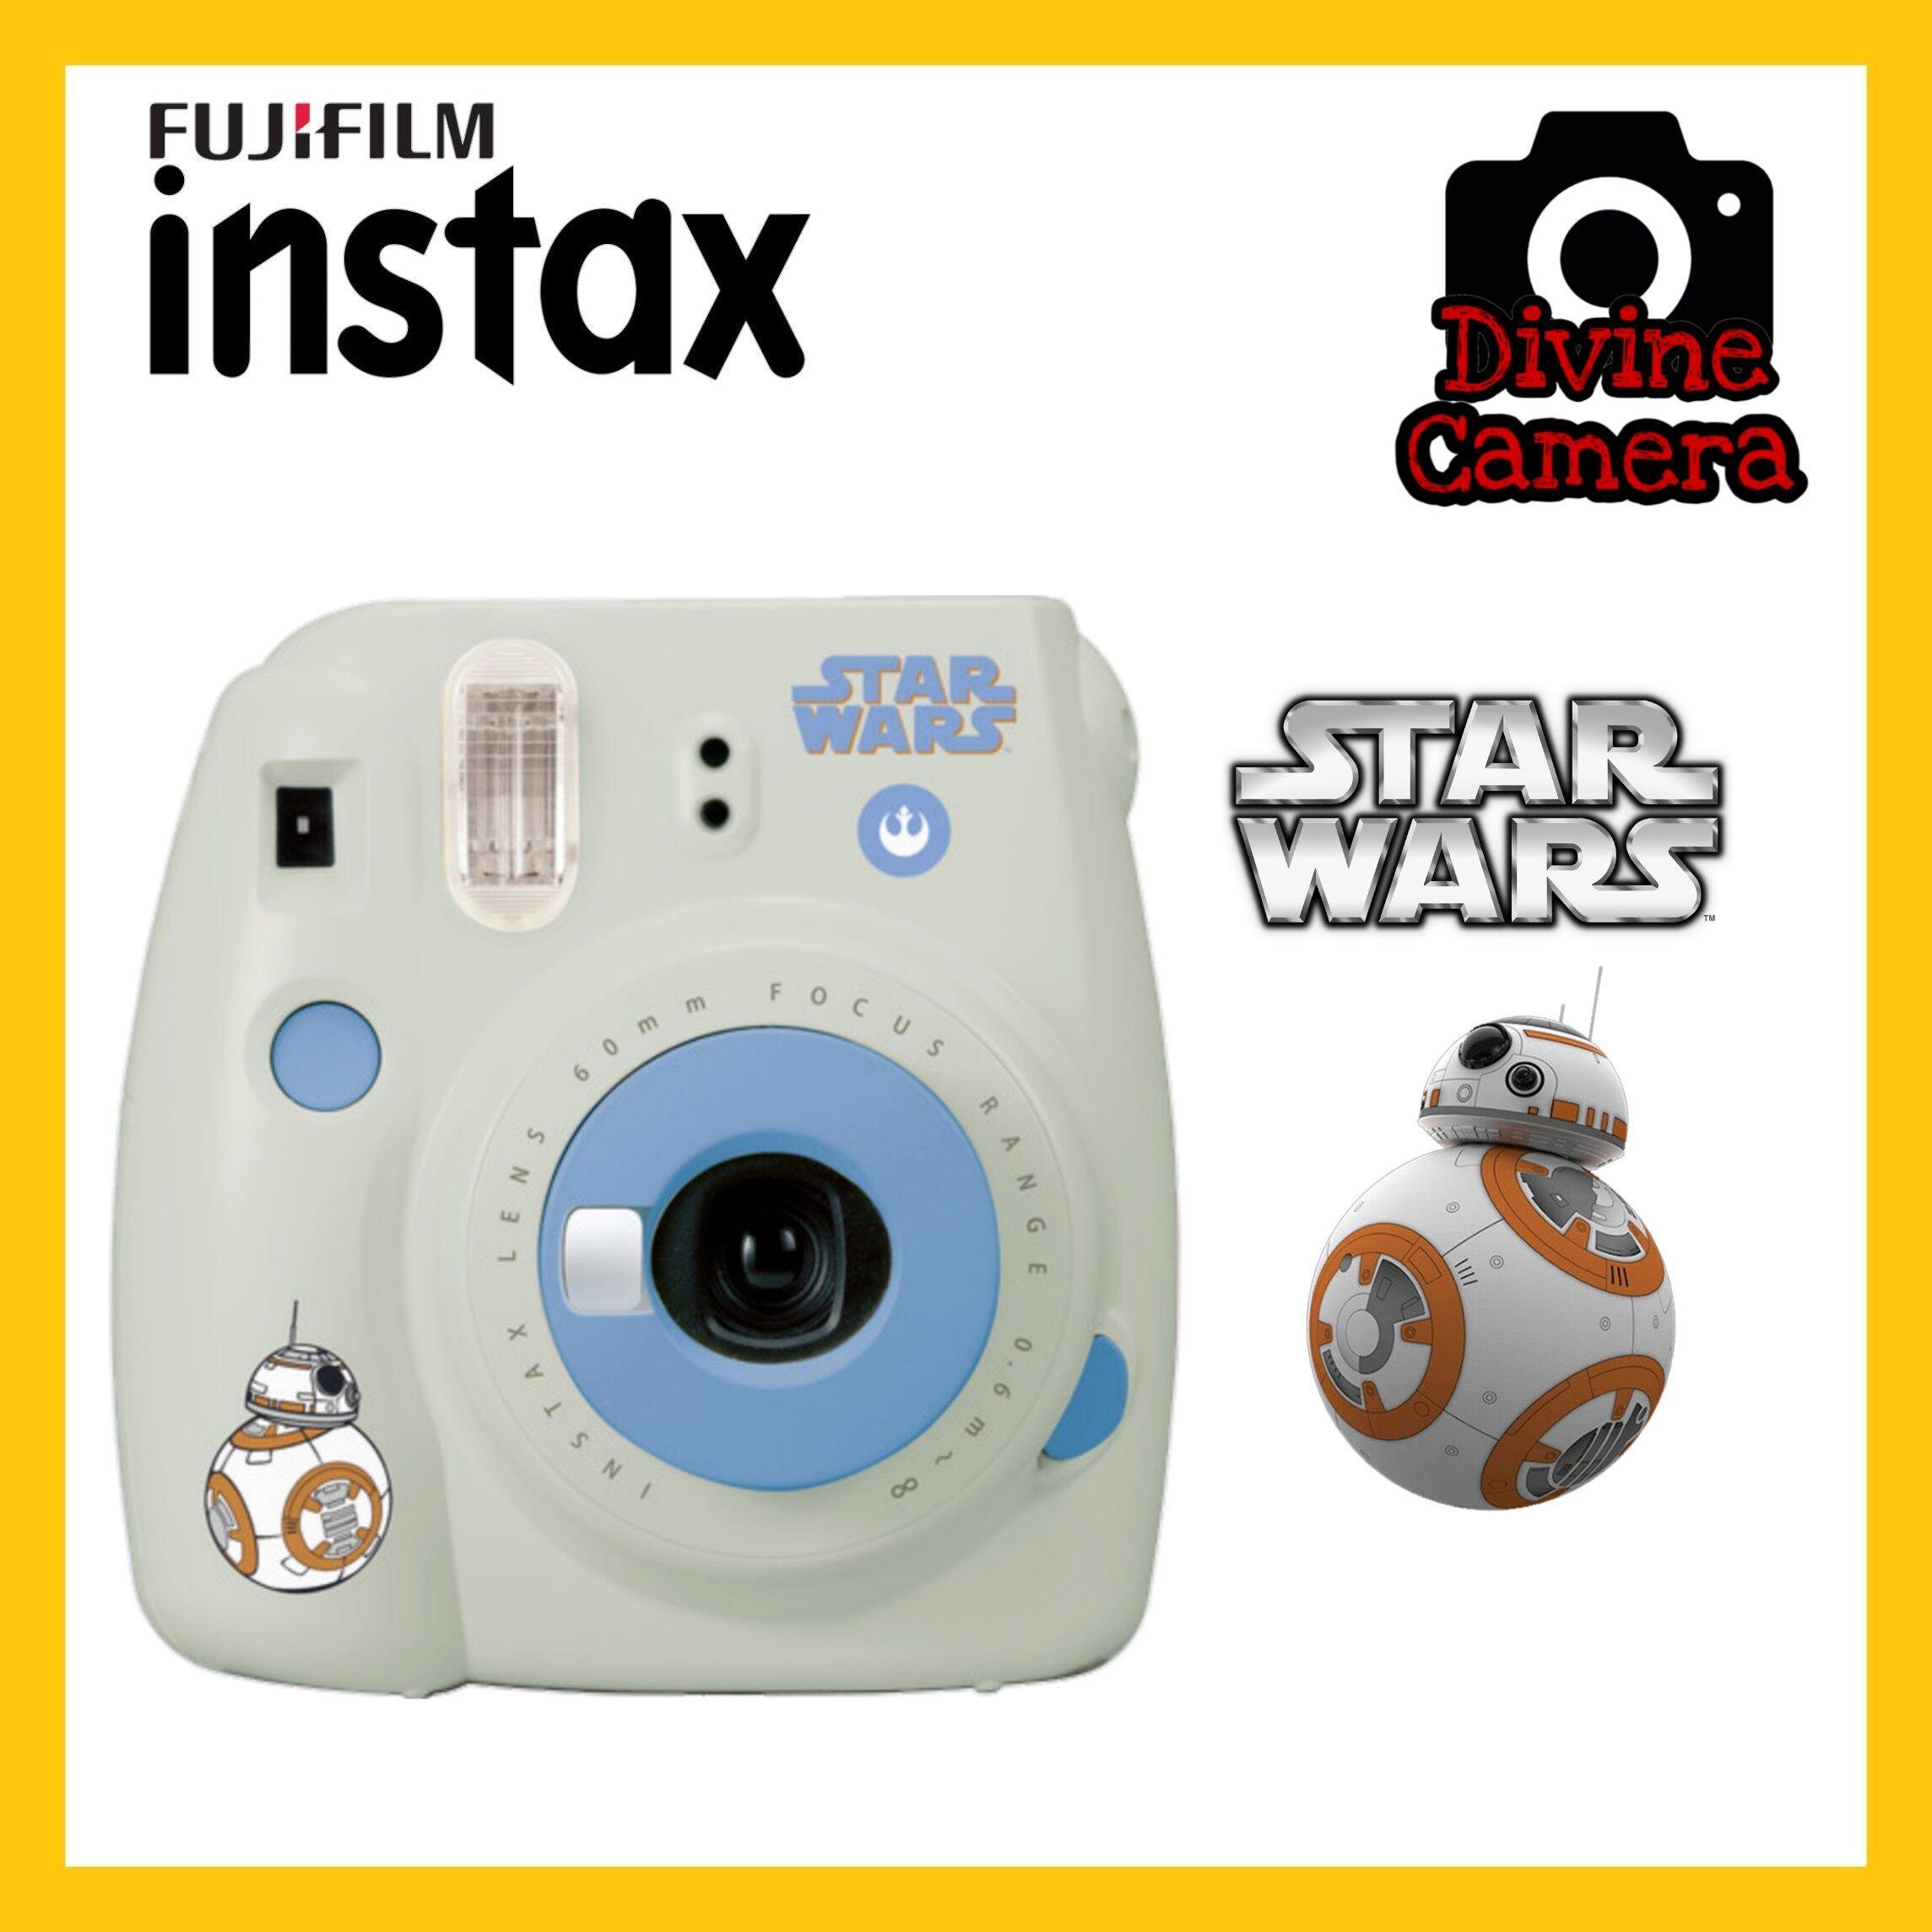 Fujifilm Instax Mini 9 Star Wars Limited Edition